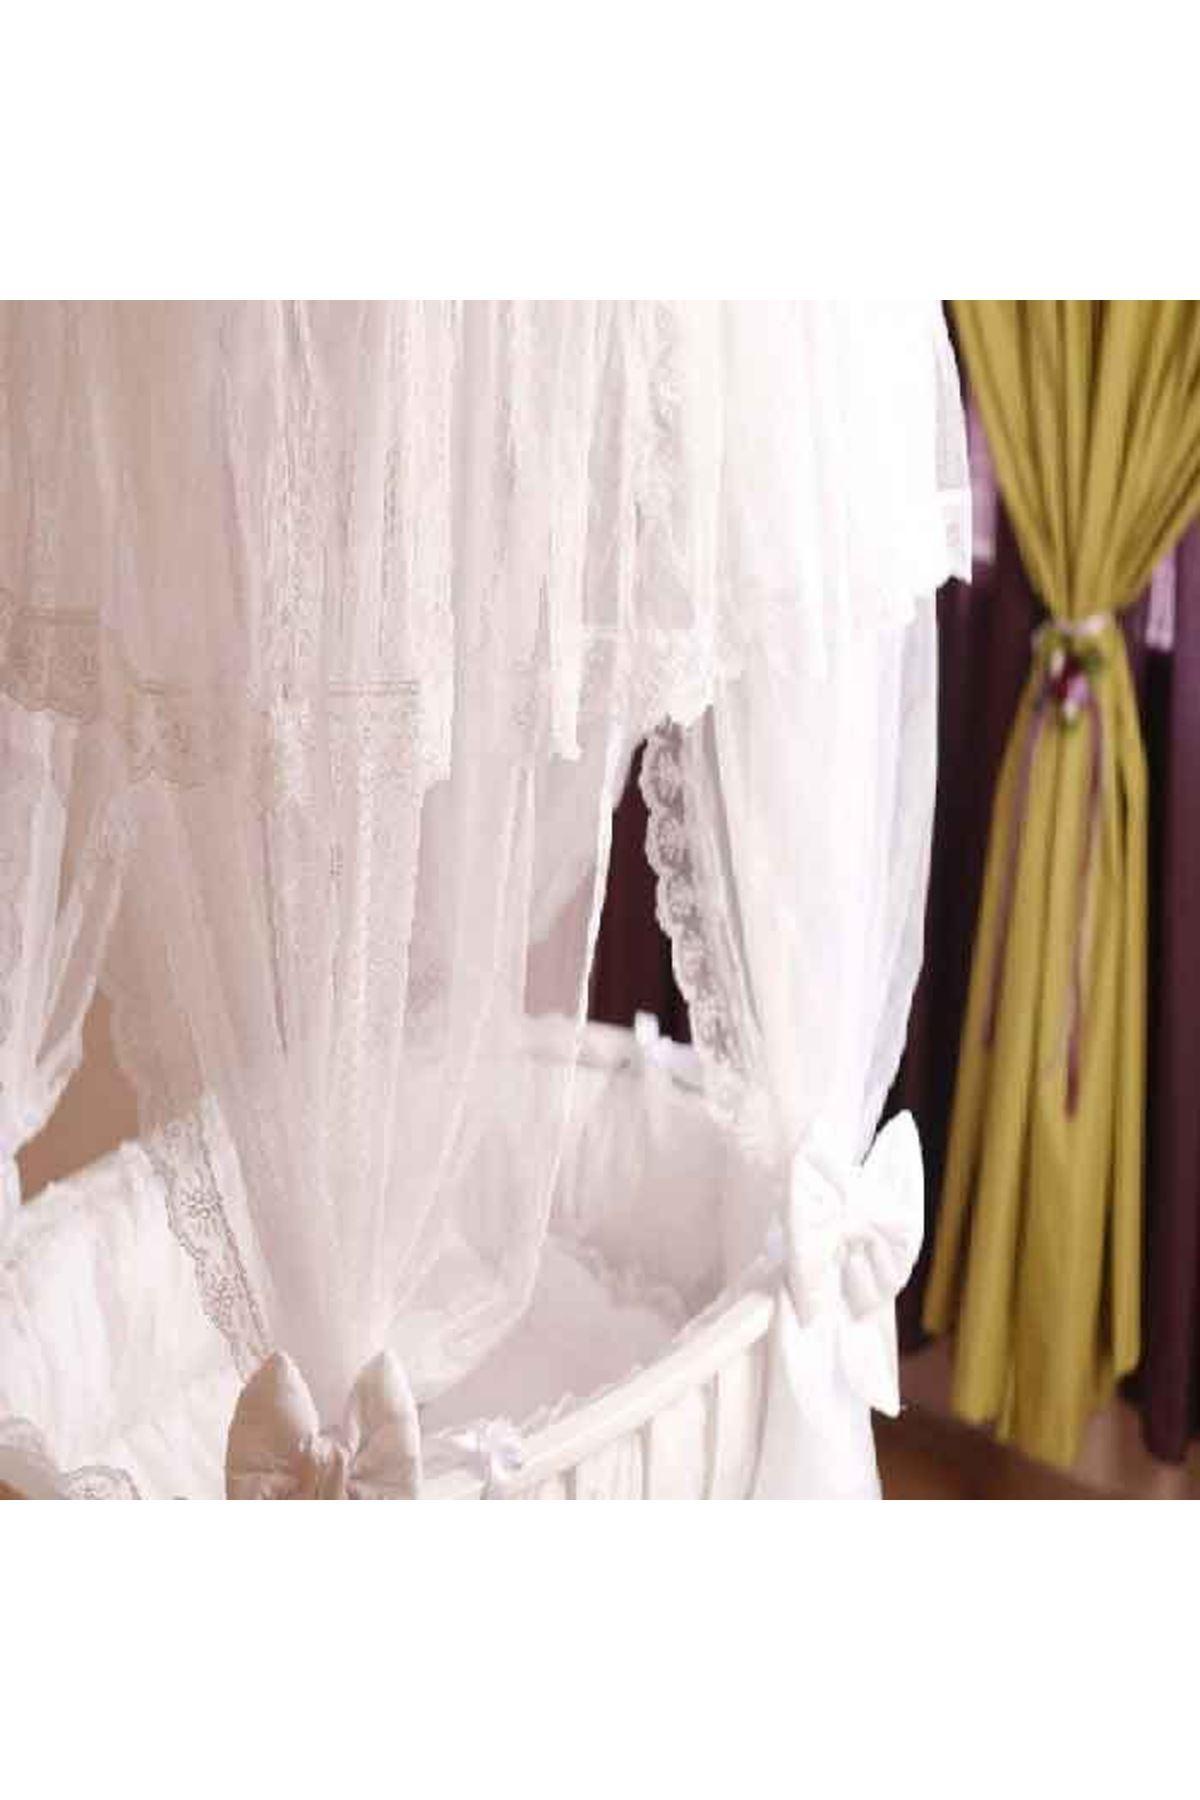 White Palace Cradle with White Baby Sleeping Set